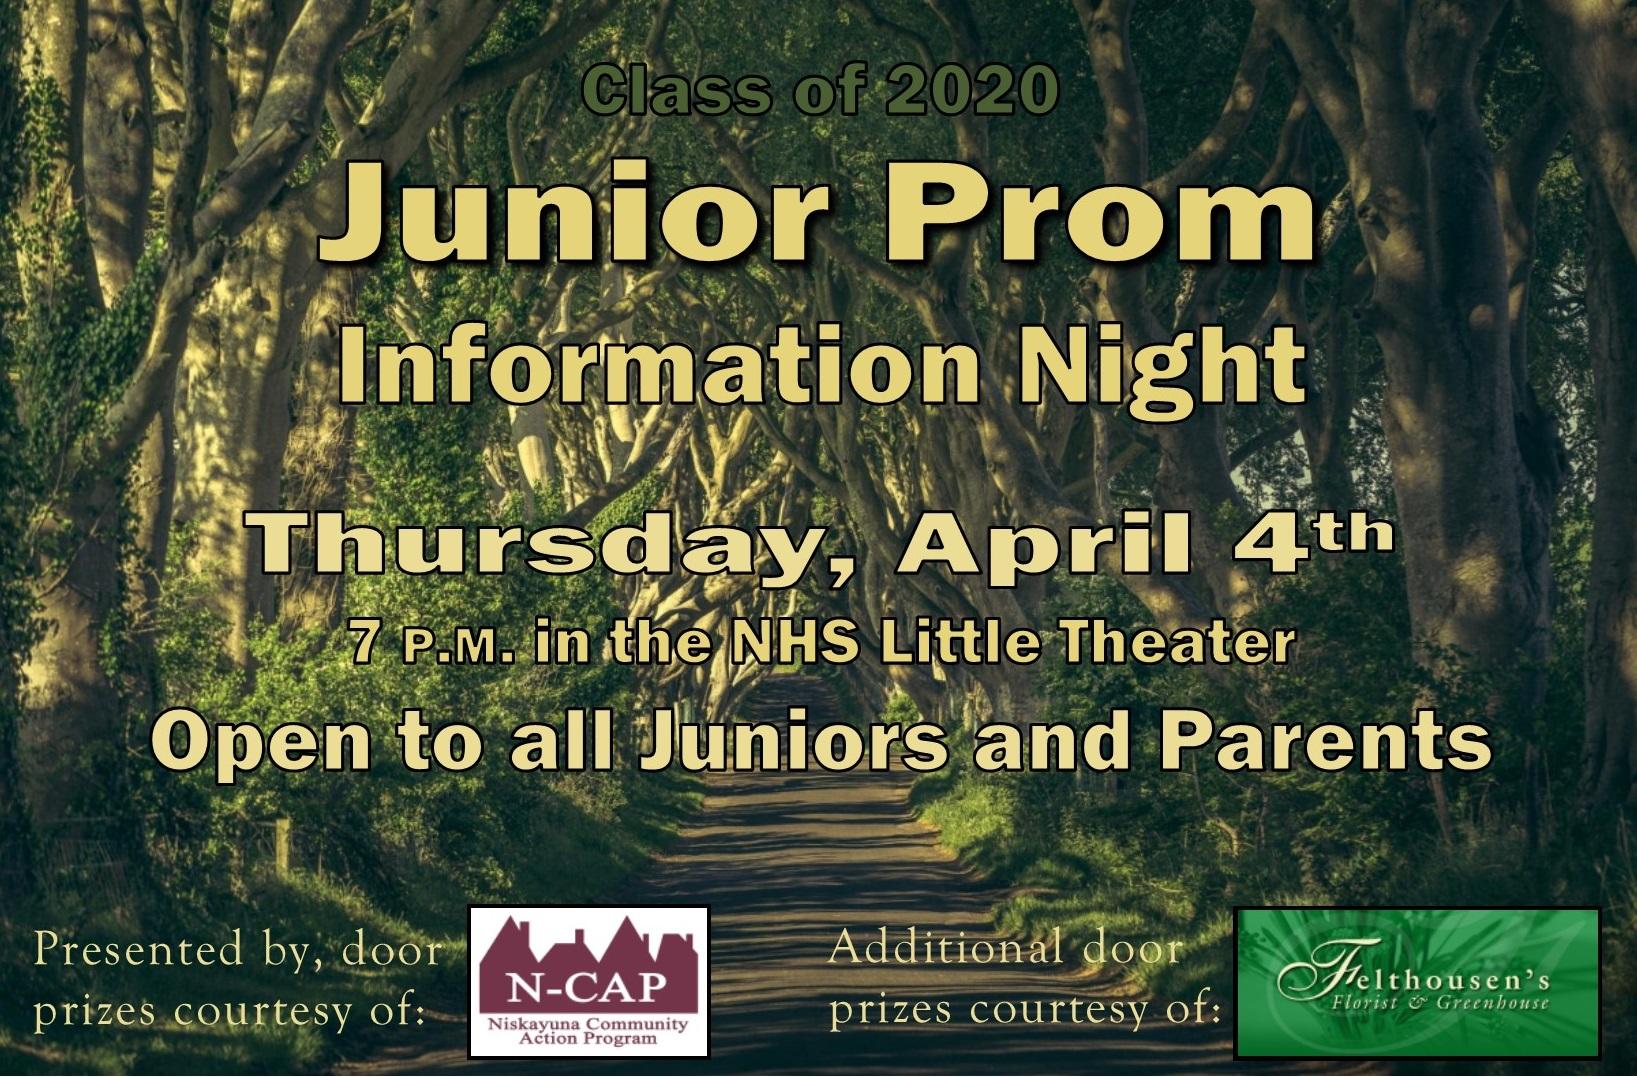 Junior Prom Forum